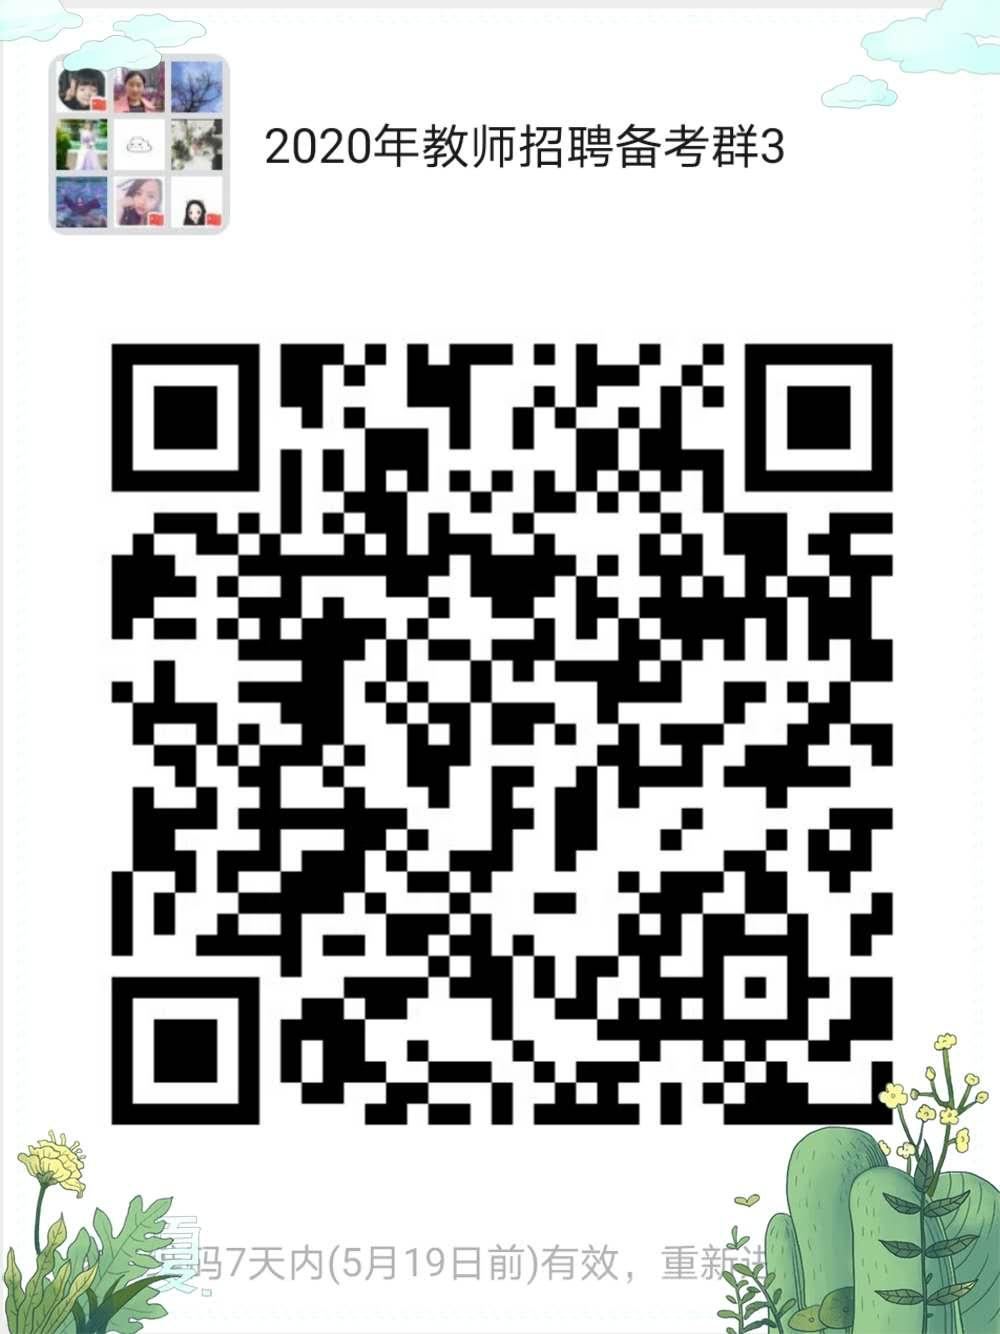 微信图片_20200512223804.jpg